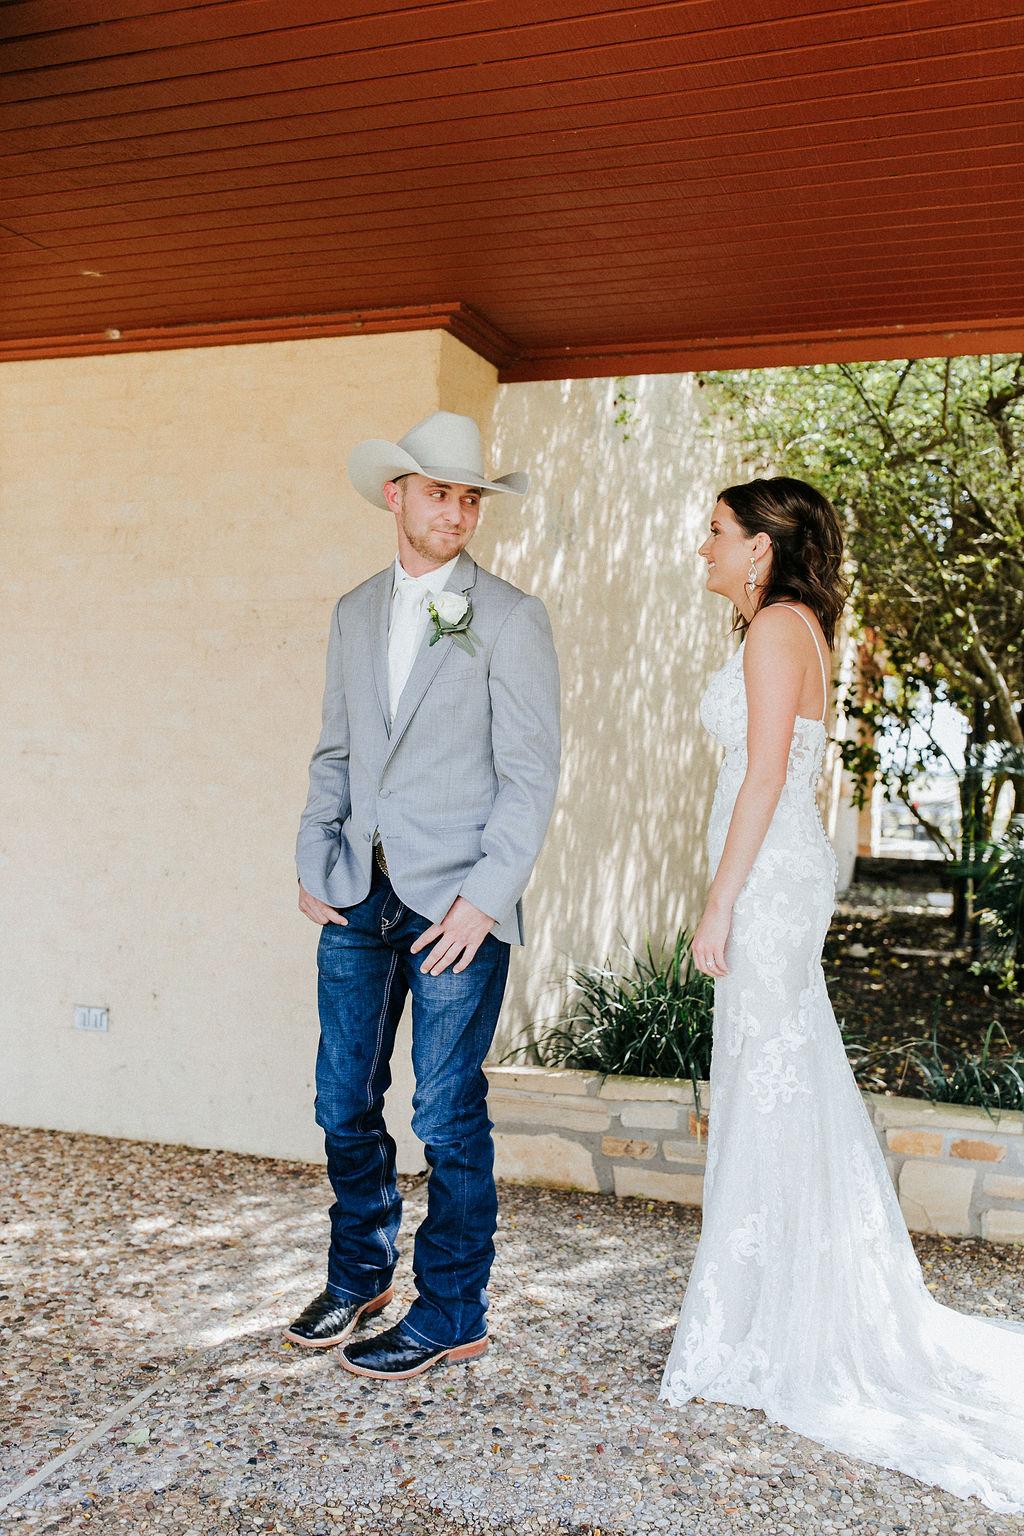 Epoch Co+ Destination wedding planner   First Look Photo Ideas with Groom   Rockin Star Ranch, Brenham Wedding Venue   Velvet + Wire Photography   Austin Wedding Planner